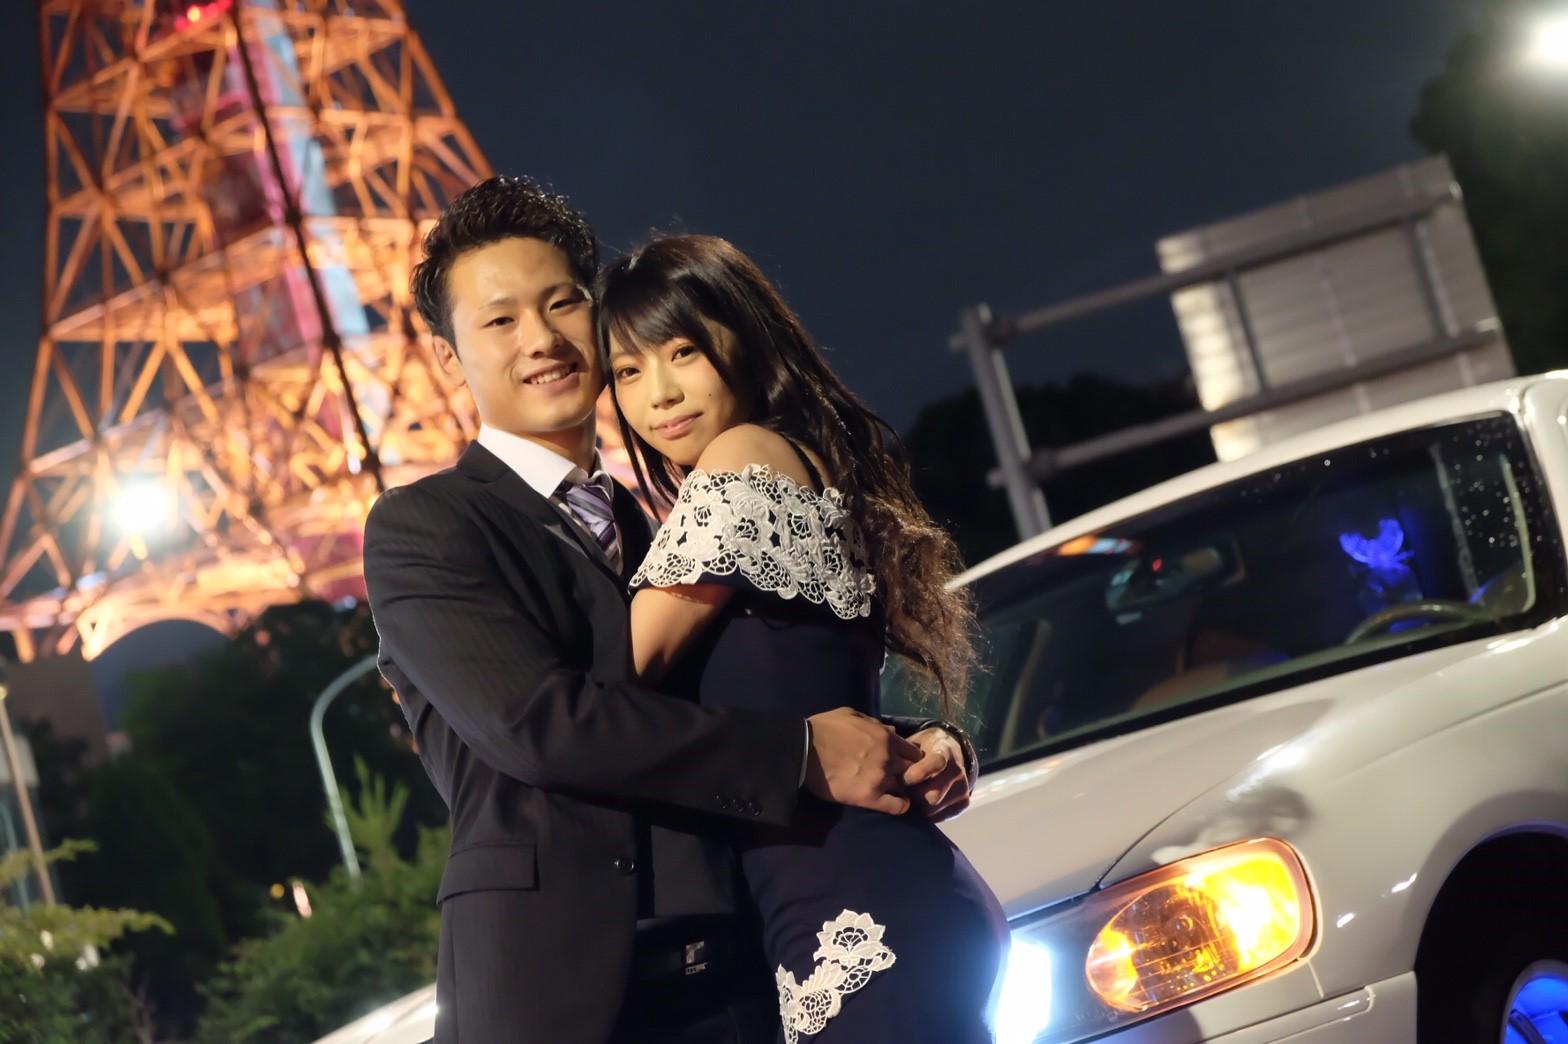 リムジンパーティー誕生日で東京タワー撮影 (1)